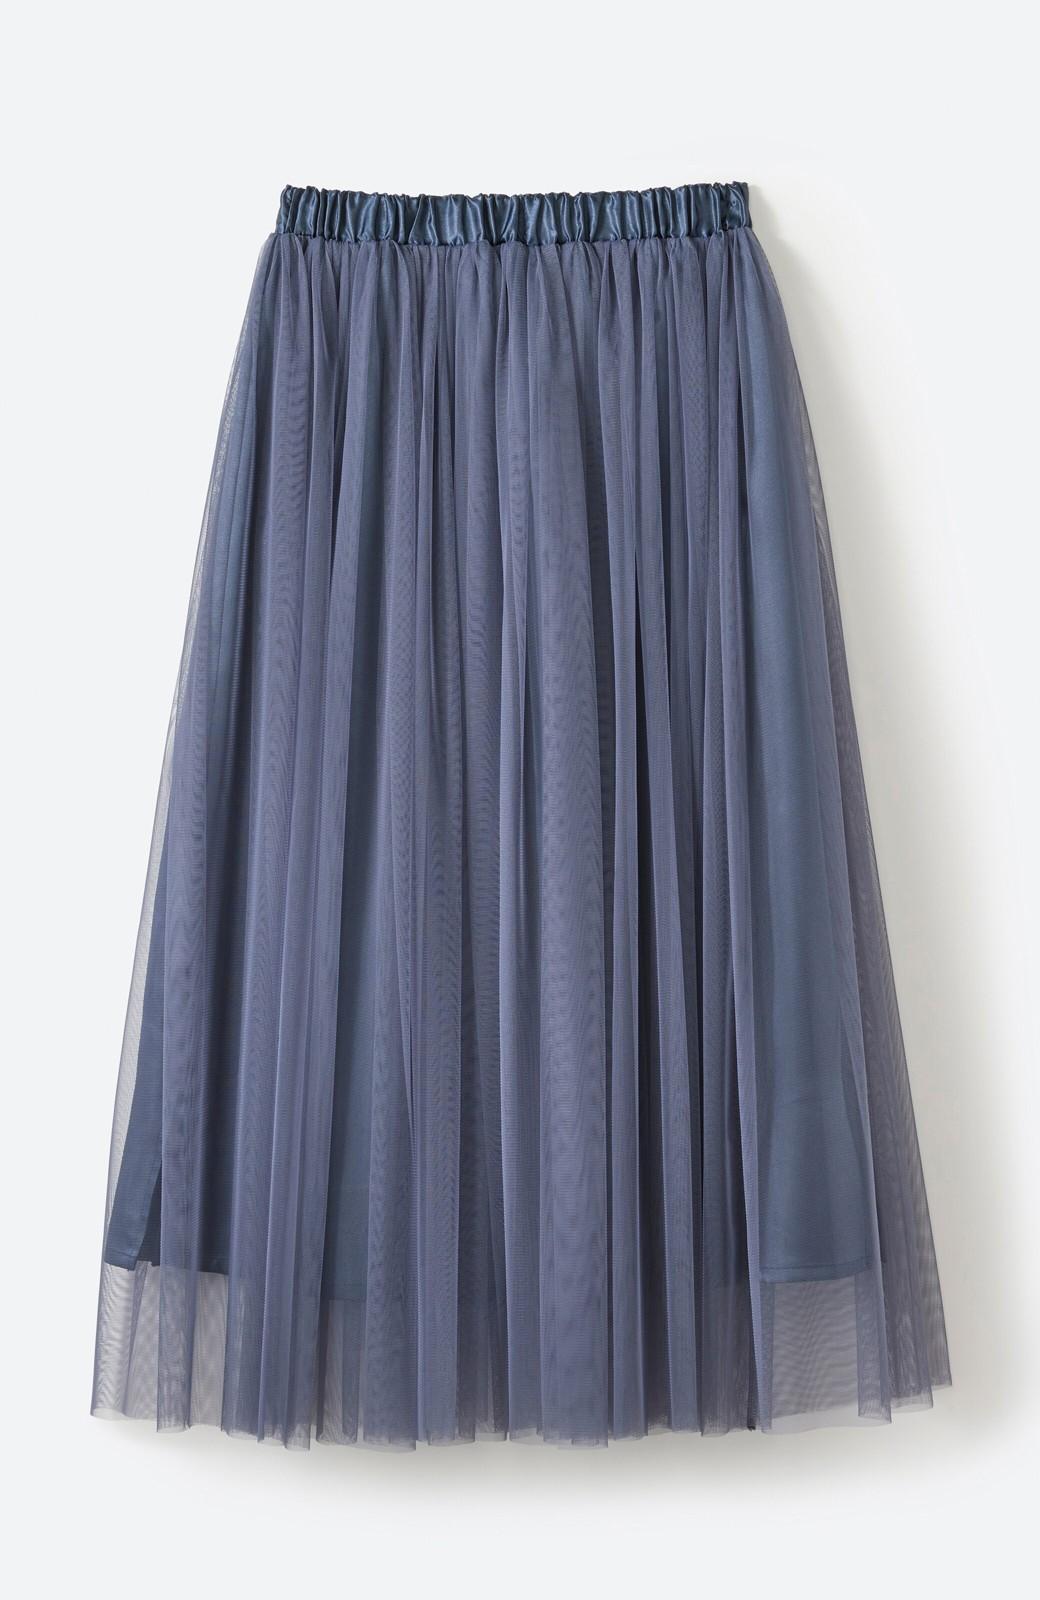 haco! 着るだけでルンとした気分になる! 長ーーい季節着られてずっと使えるオトナのためのチュールスカート <ネイビー>の商品写真17